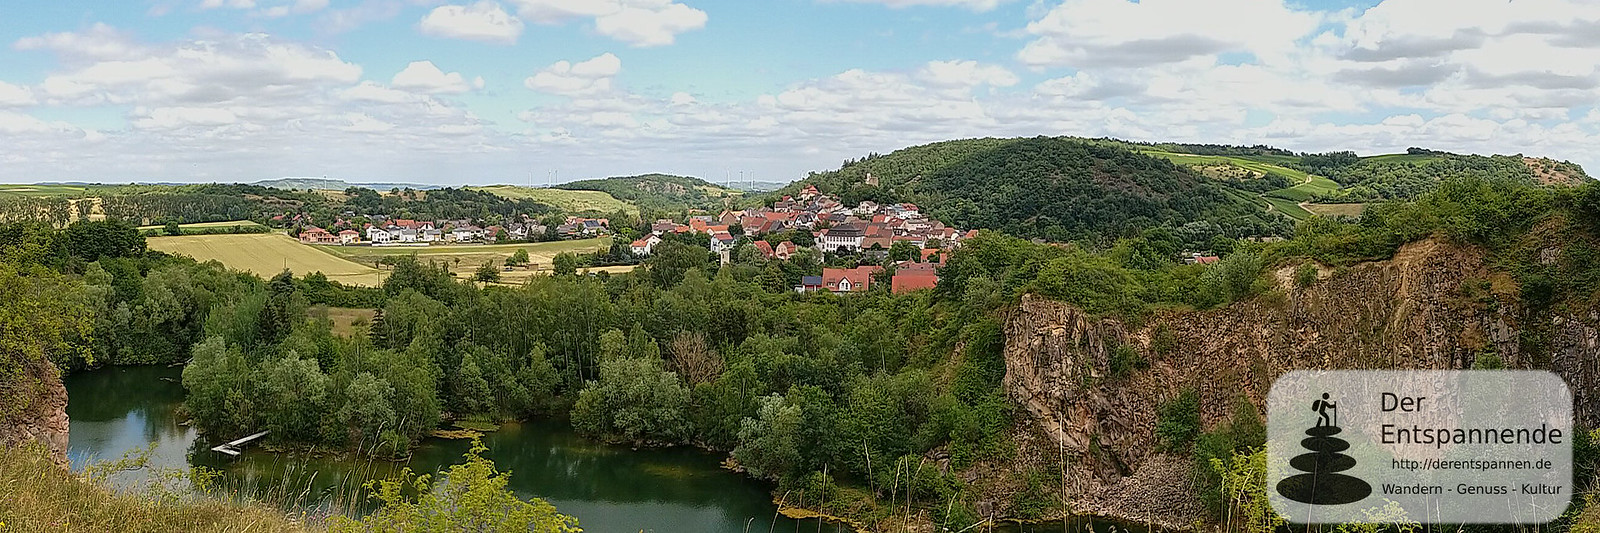 Steinbruch-See und Neu-Bamberg